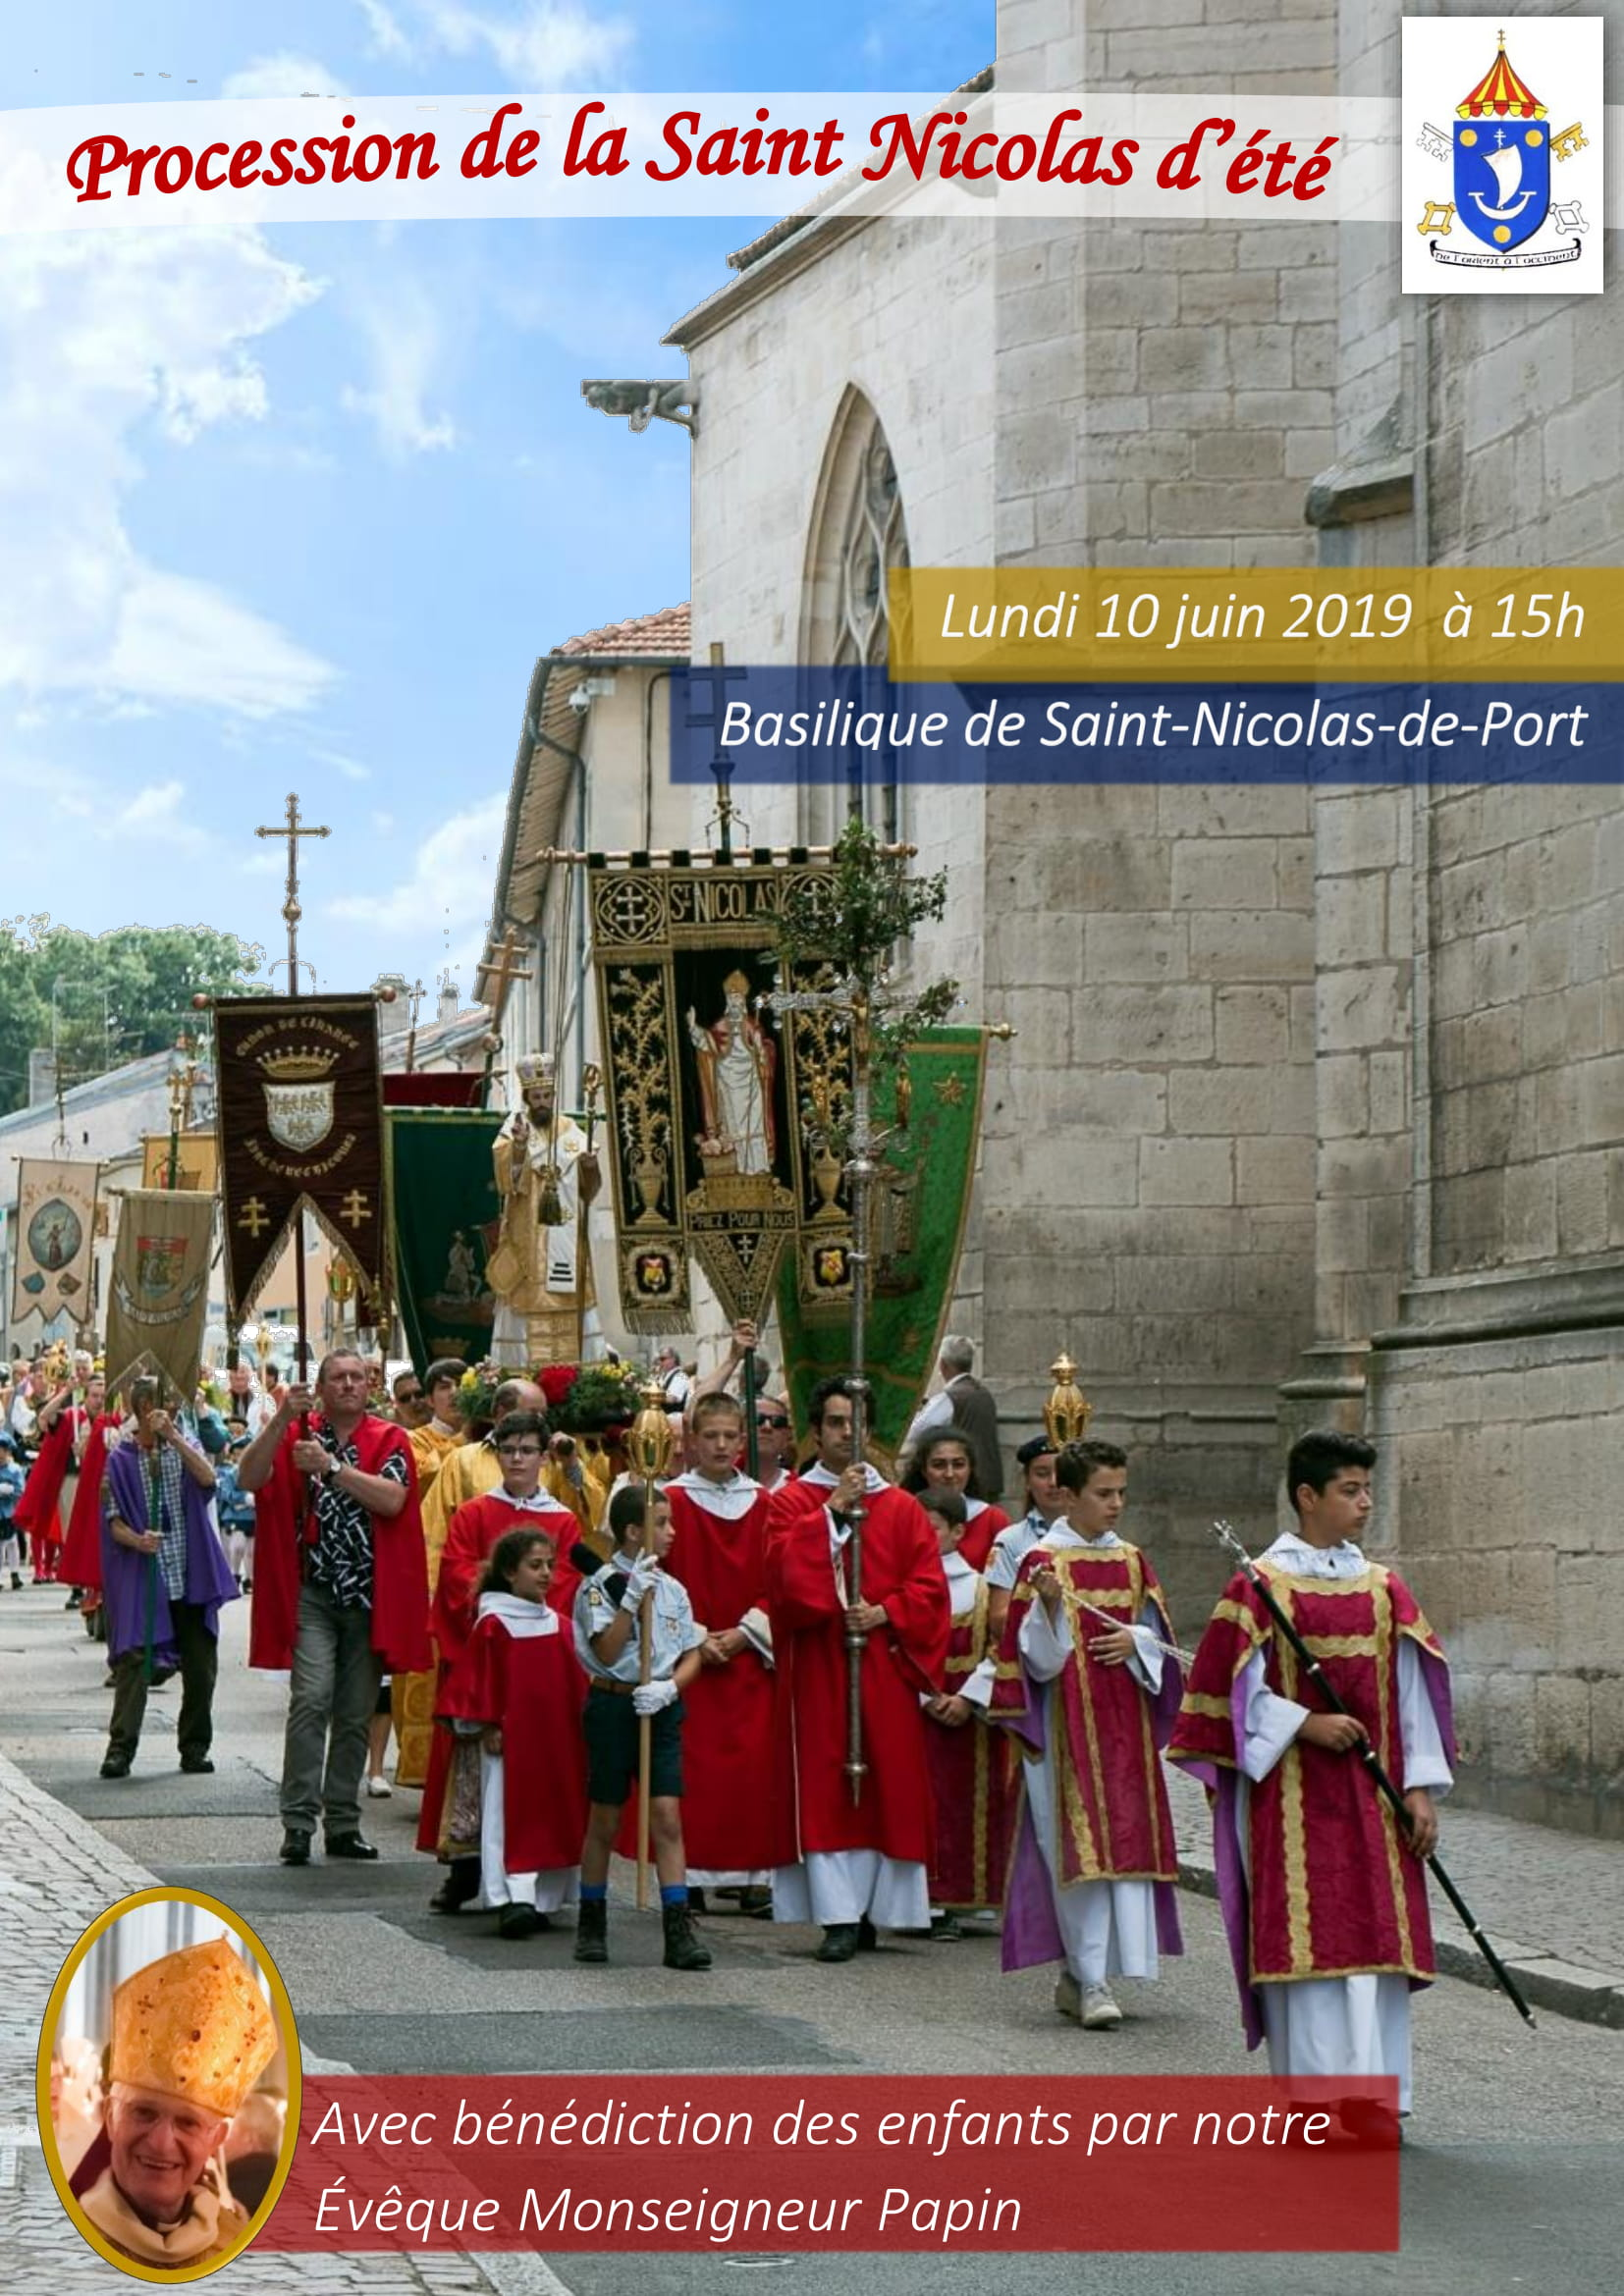 Saint Nicolas d'été le 10 juin 2019 à Saint-Nicolas-de-Port (54)